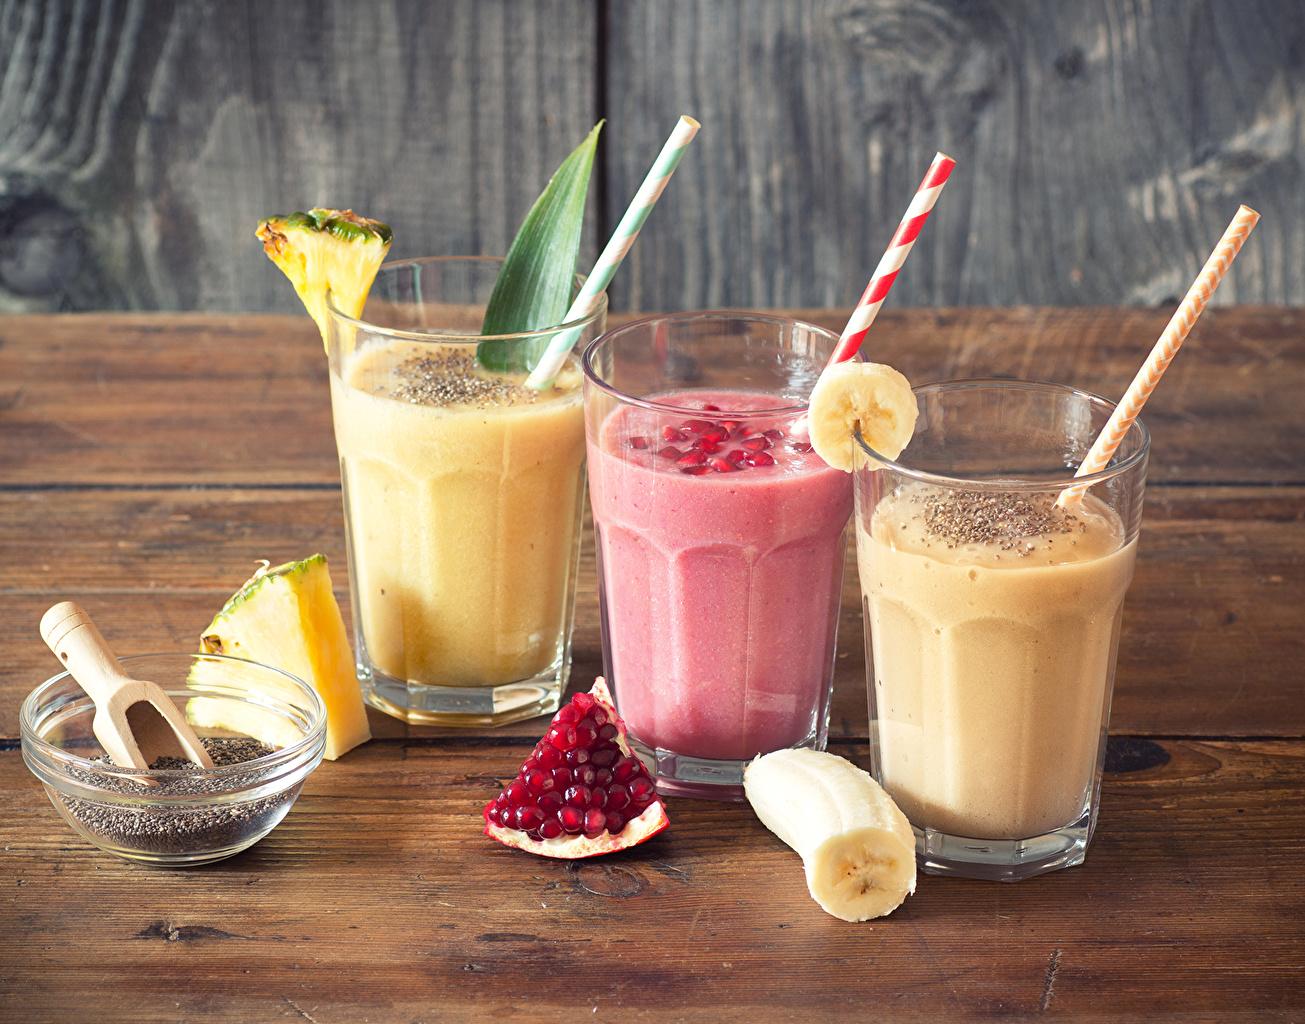 Hintergrundbilder Ananas Bananen Trinkglas Granatapfel Drei 3 Cocktail Lebensmittel Getränke